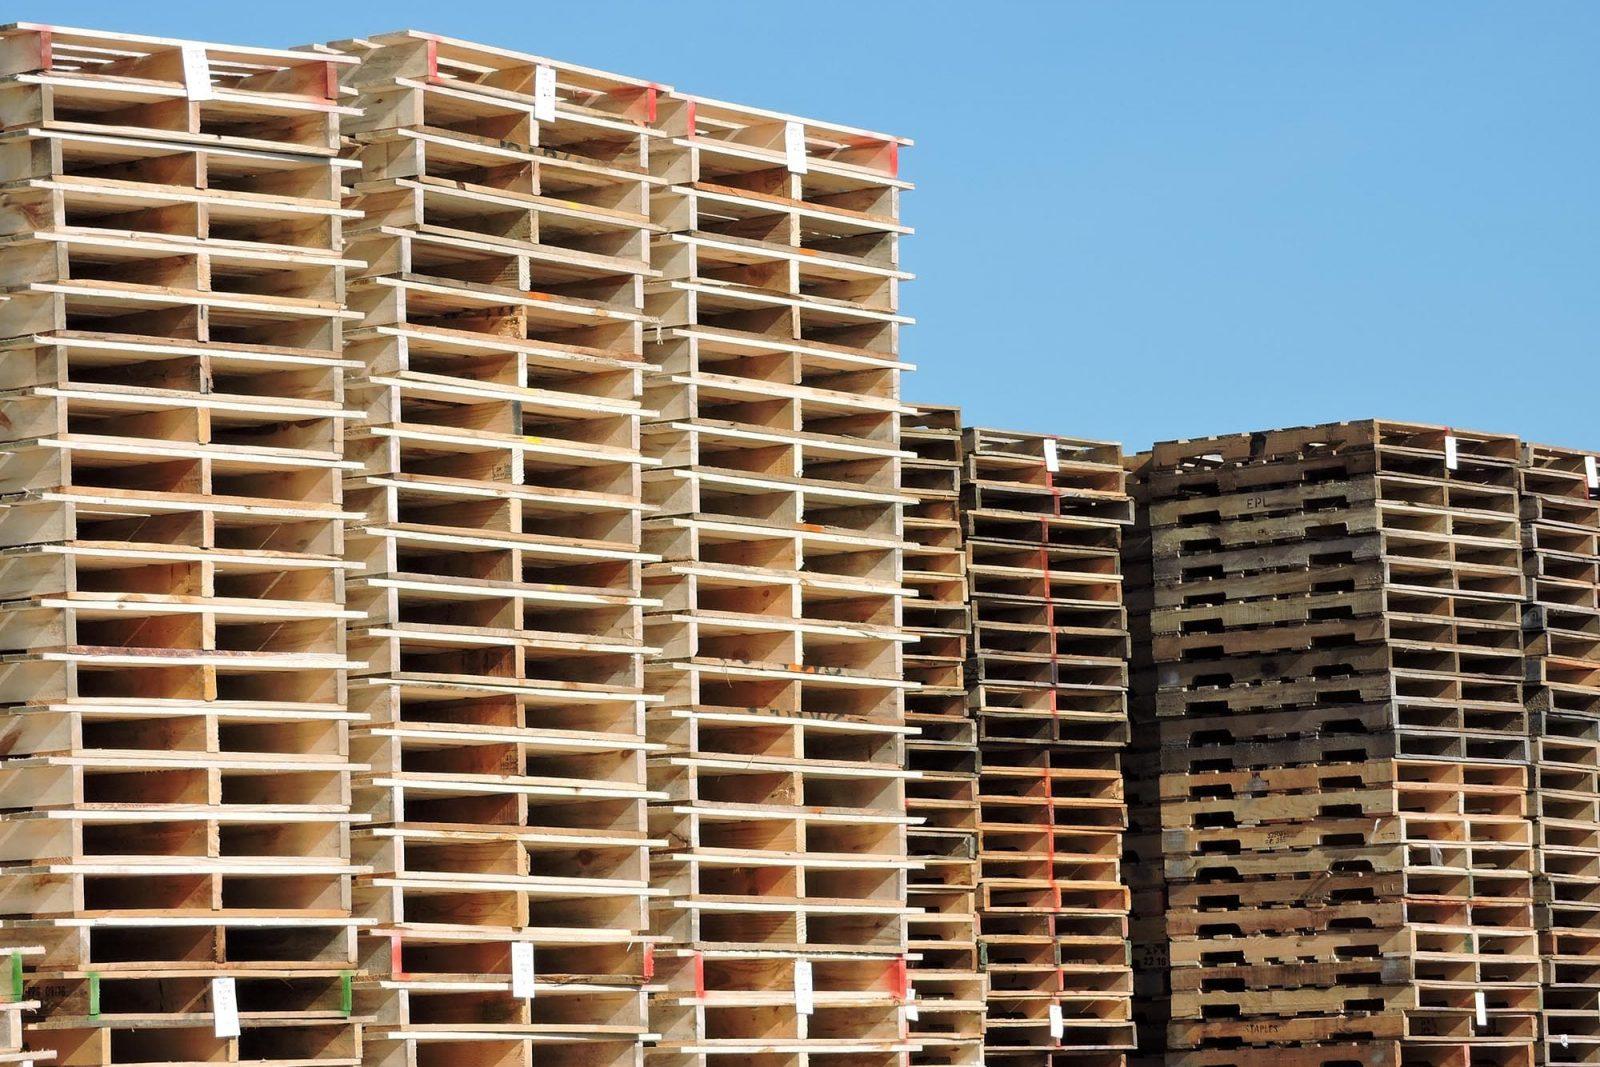 wholesale wooden pallets